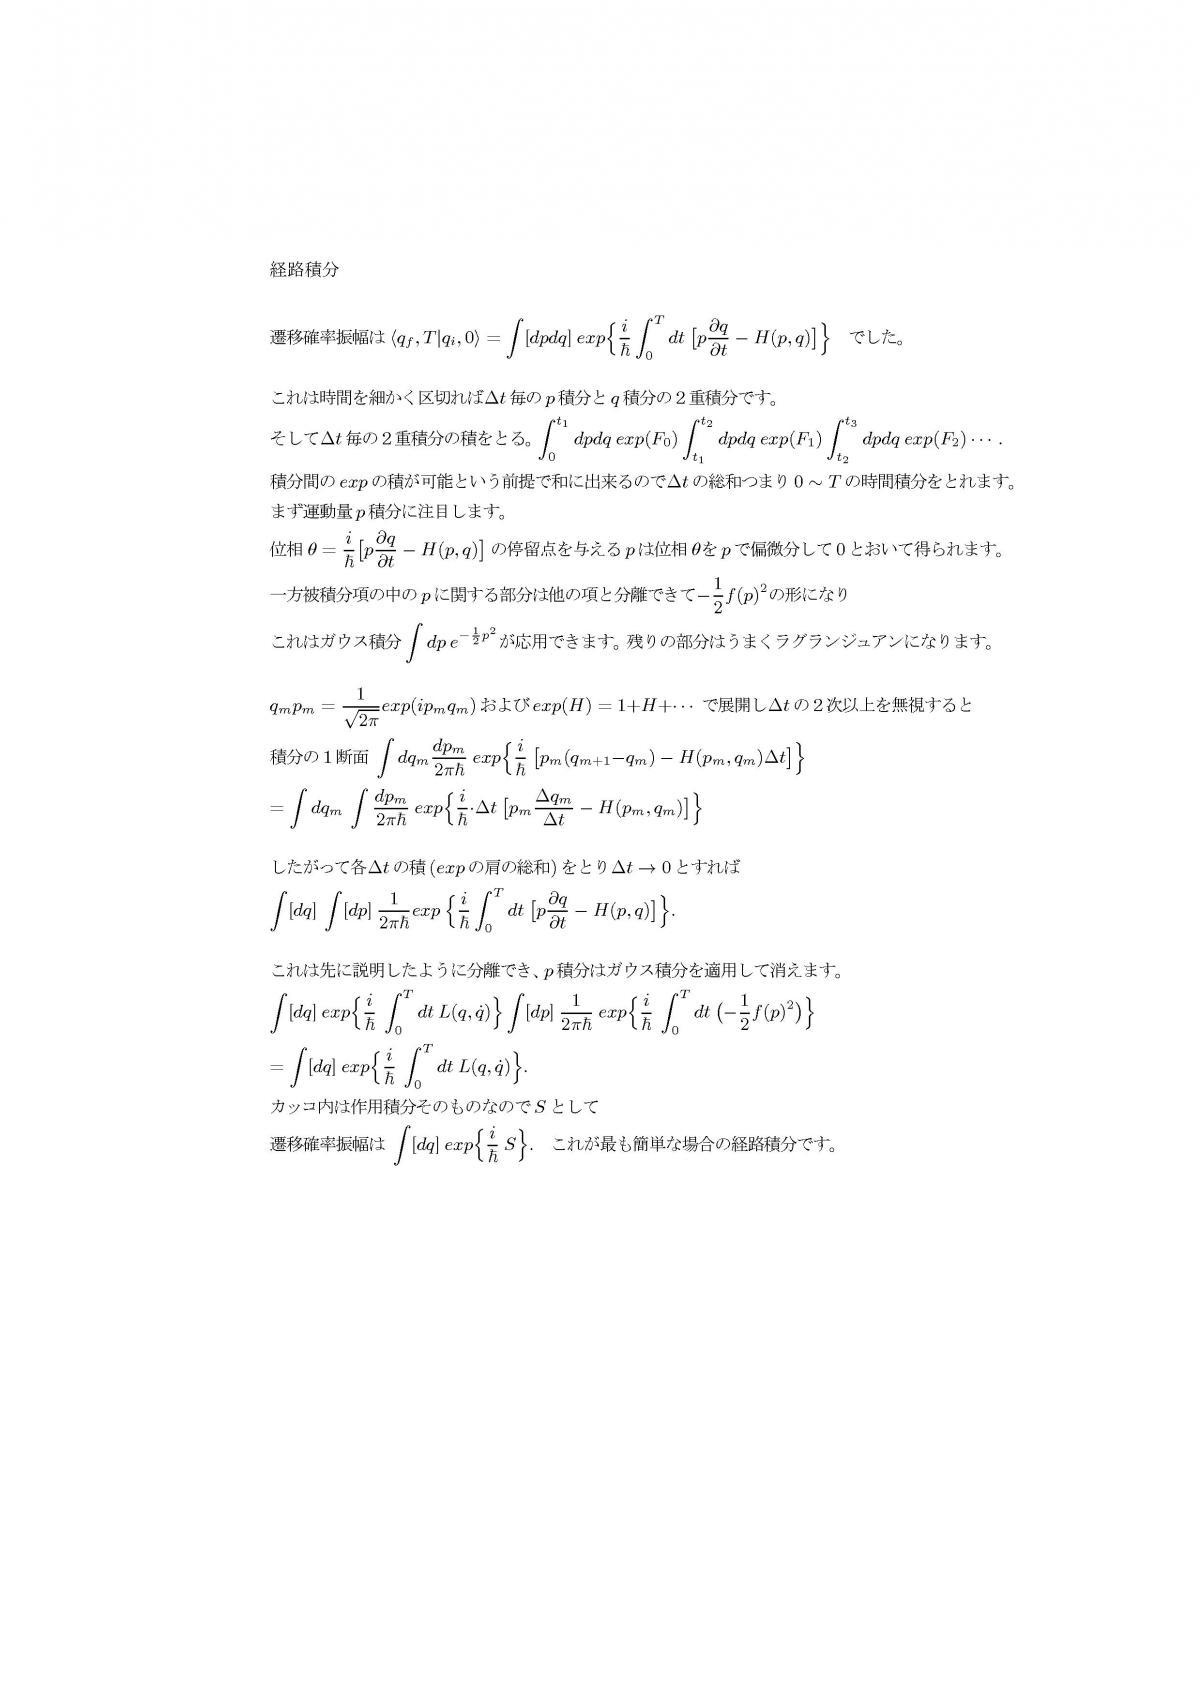 pgen06.jpg